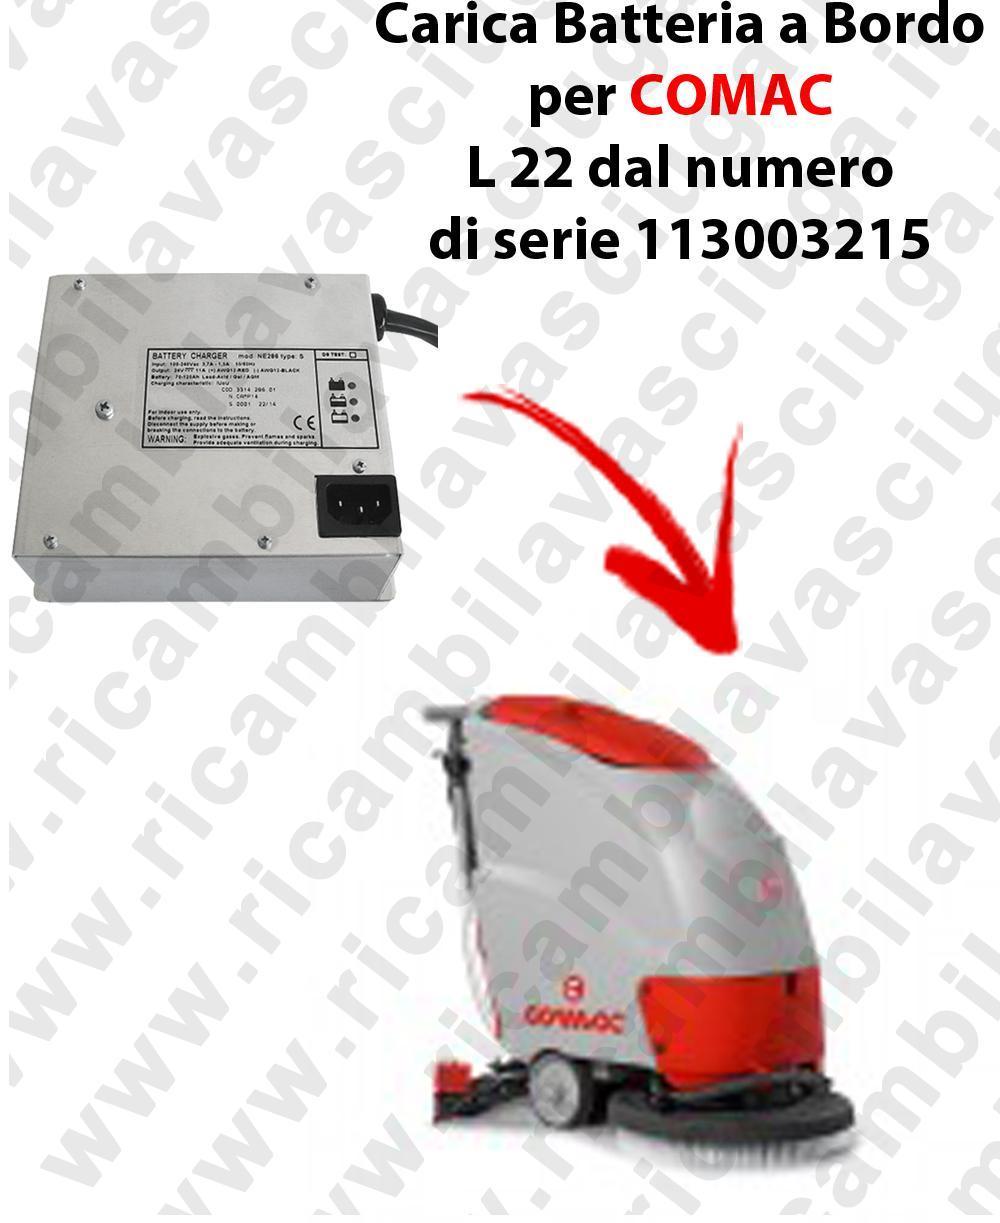 Charger les BATTERIES à bord pour autolaveuses COMAC L 22 à partir du numéro de série 113003215